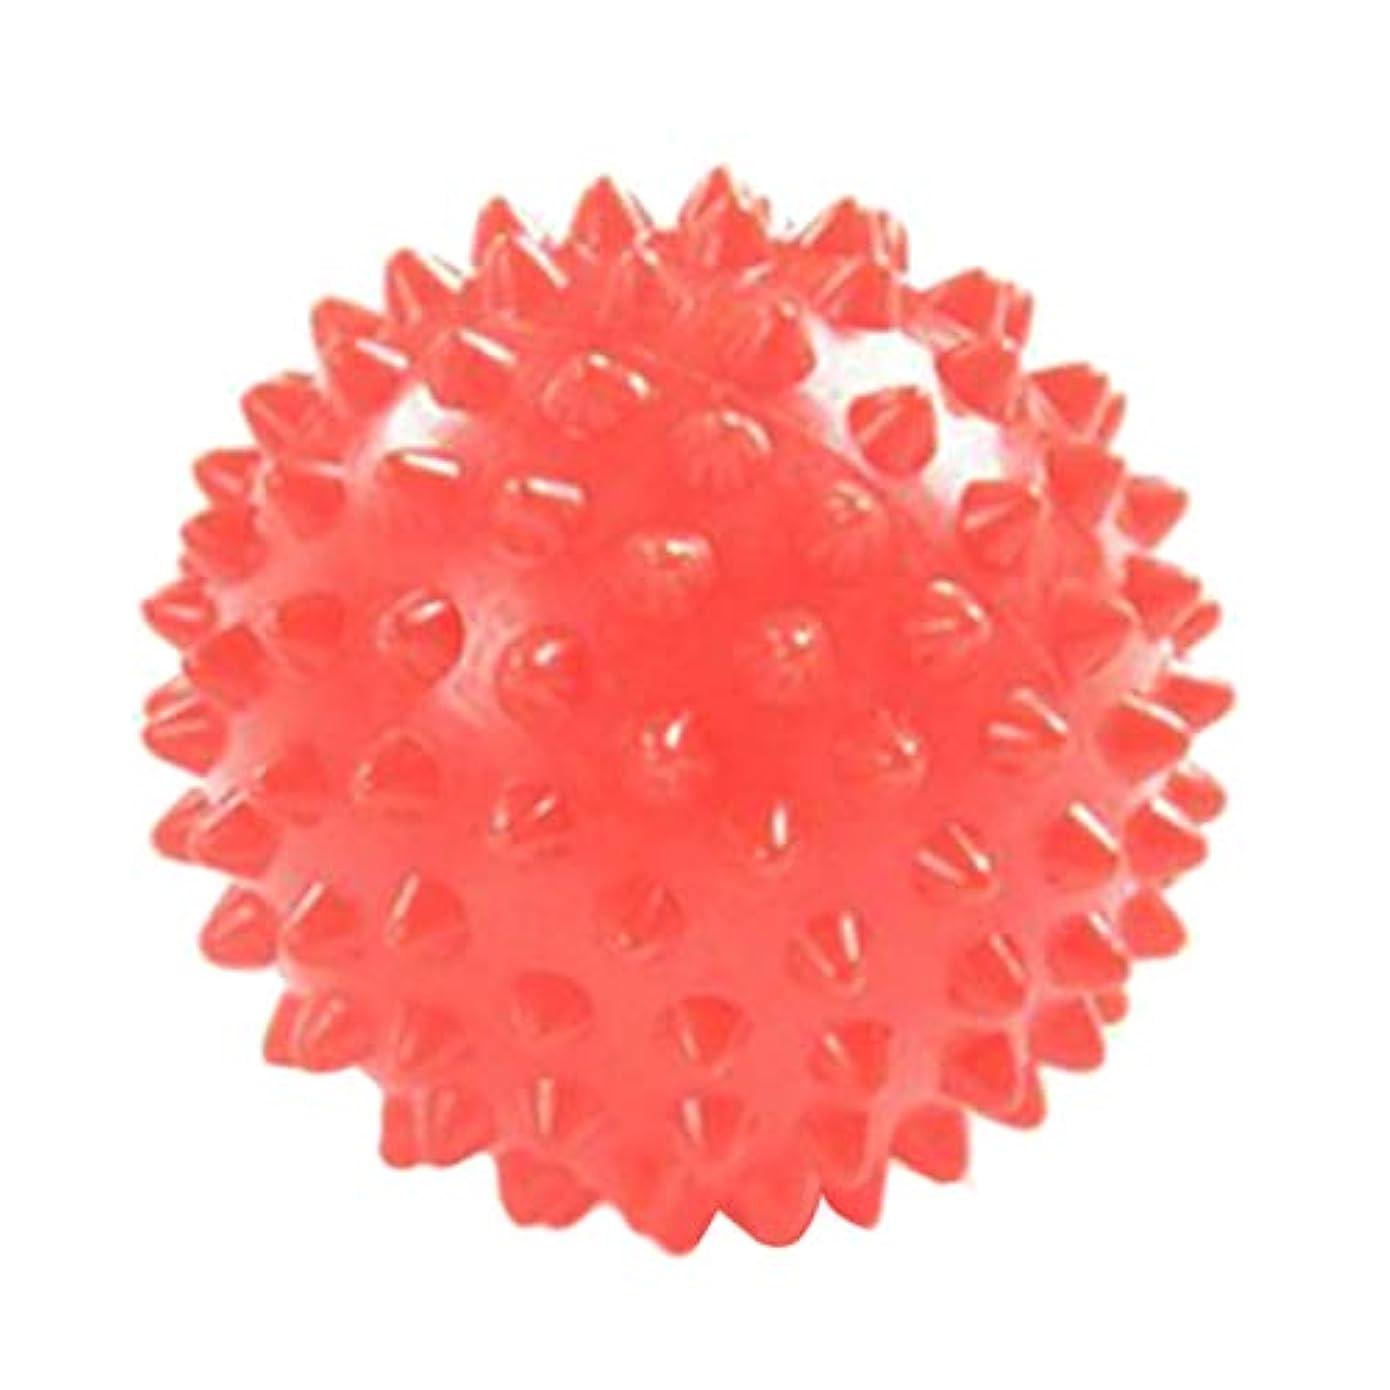 ディスパッチ支給君主制Hellery マッサージローラー マッサージボール 触覚ボール リハビリ ヨガ練習 7cm オレンジ